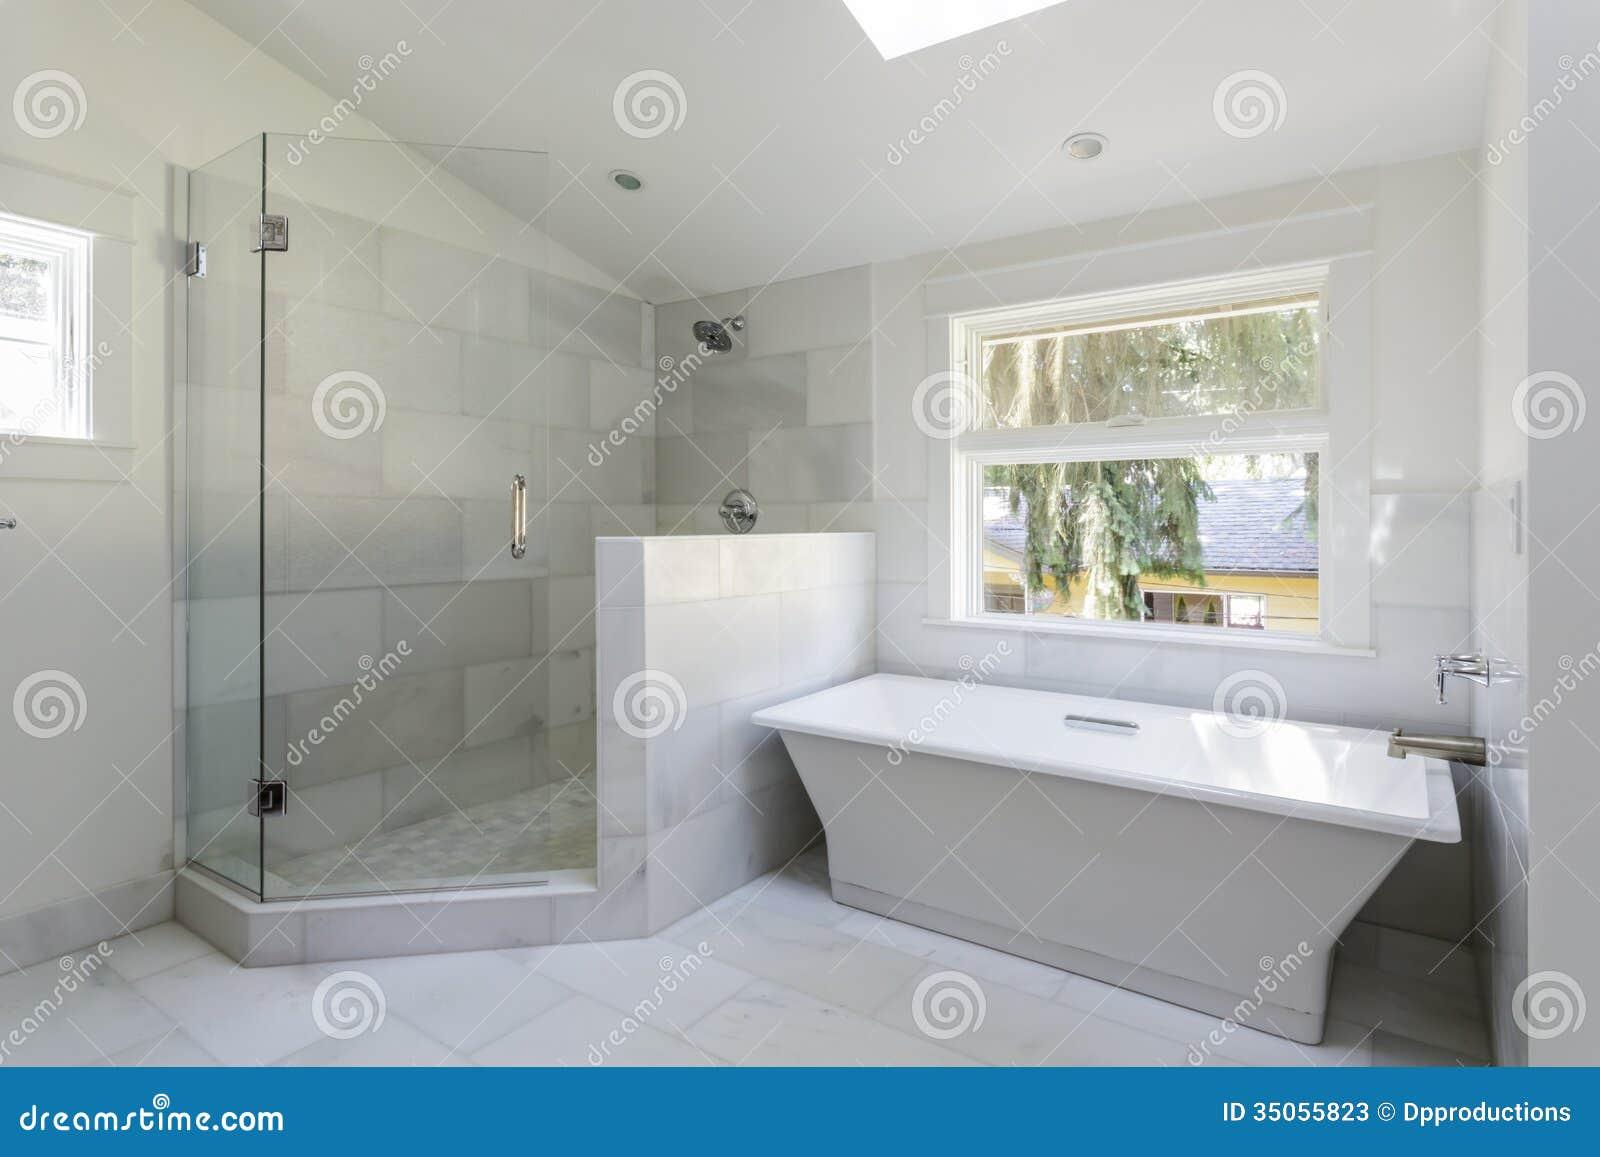 salle de bains moderne avec la douche et la baignoire image stock image du horizontal home. Black Bedroom Furniture Sets. Home Design Ideas